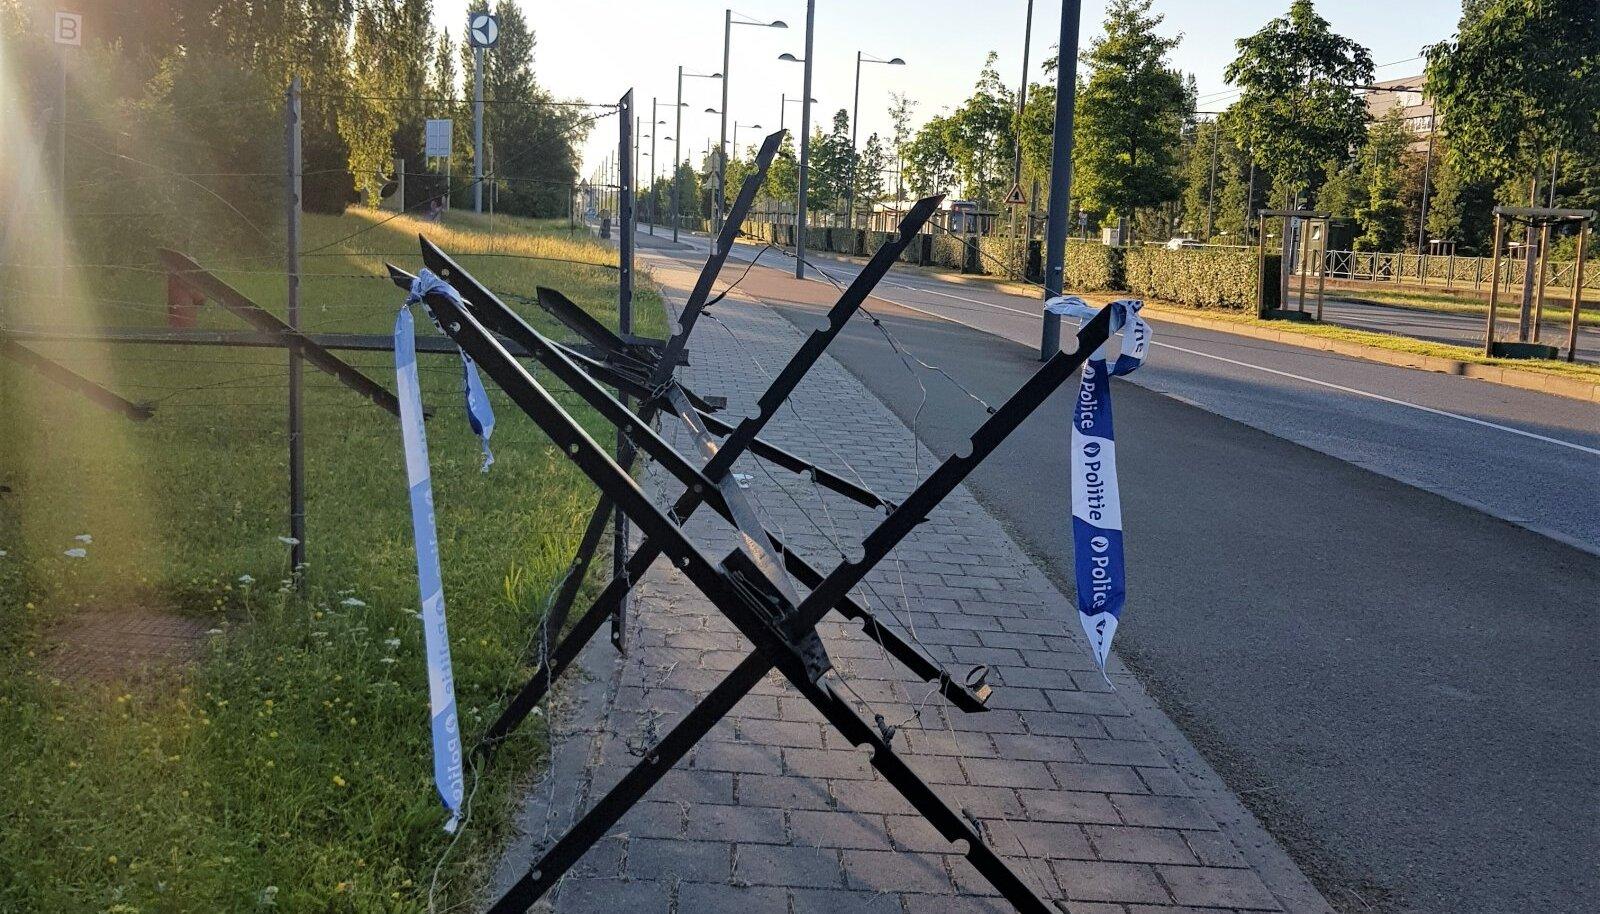 Tühjad teed ja tõkked täna hommikul NATO peakorteri lähistel.